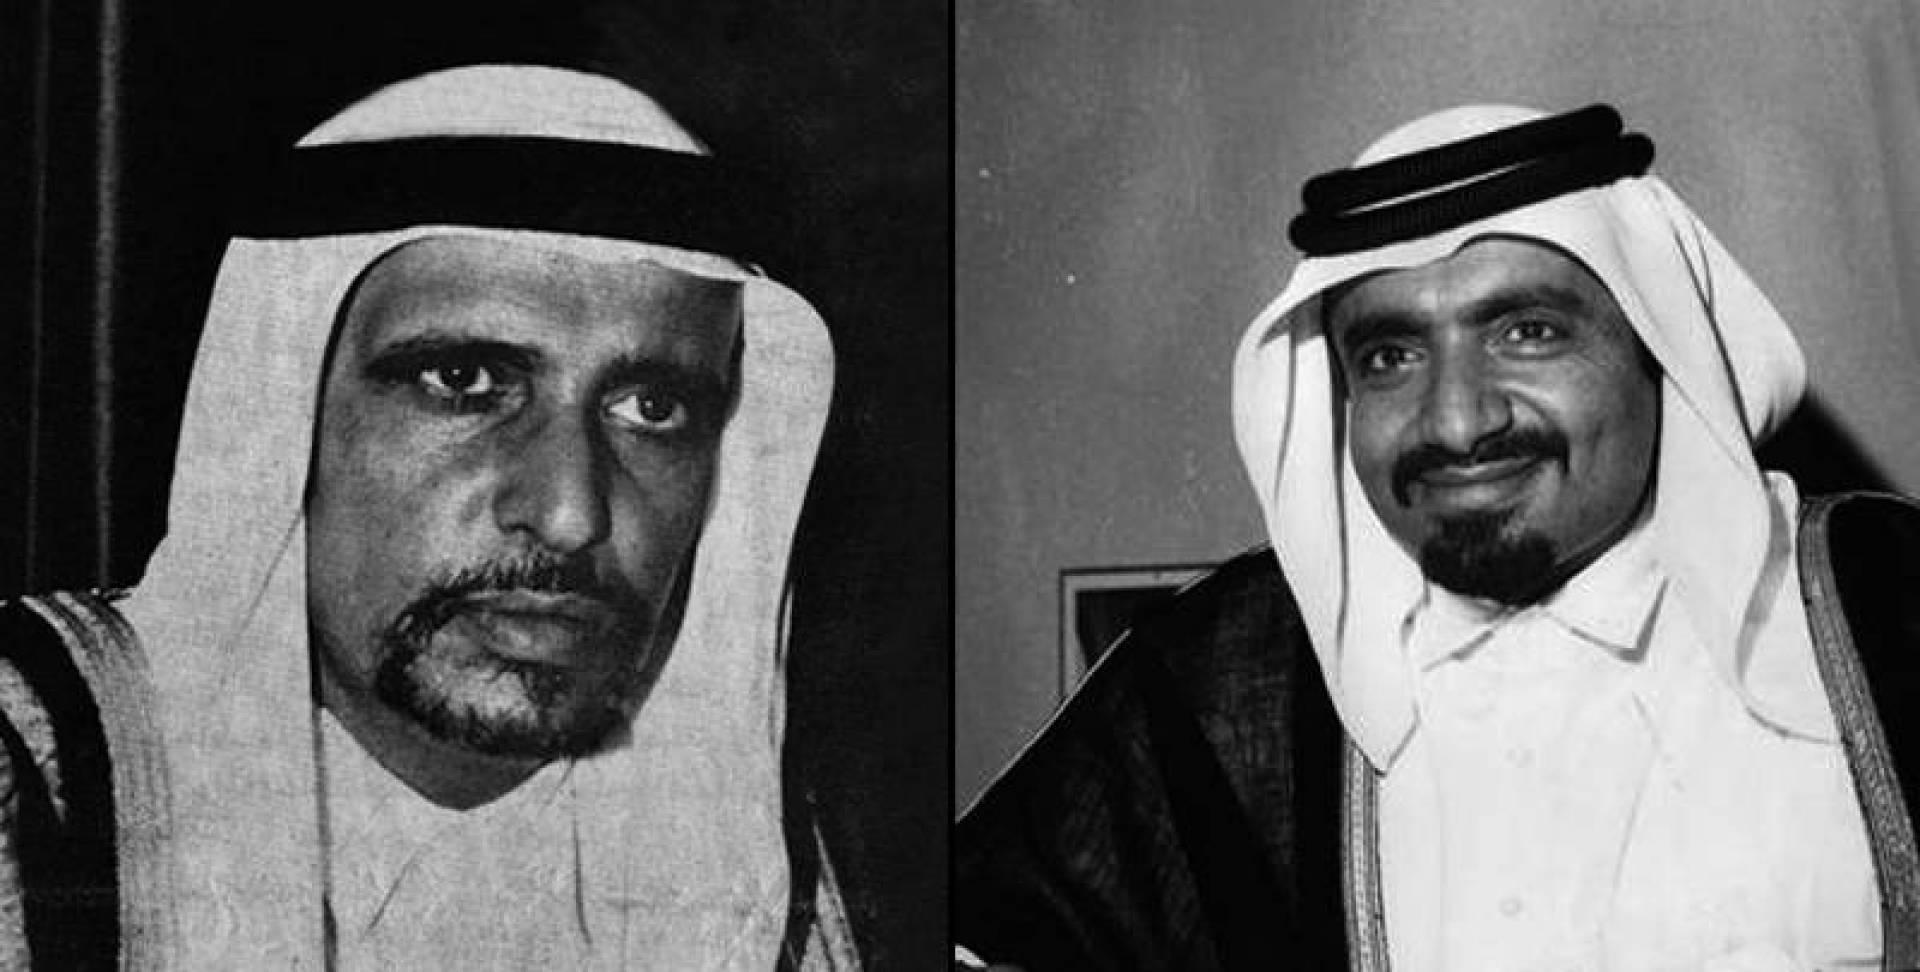 من اليمين: الشيخ خليفة بن حمد آل ثاني والشيخ أحمد بن علي آل ثاني.. أرشيفية